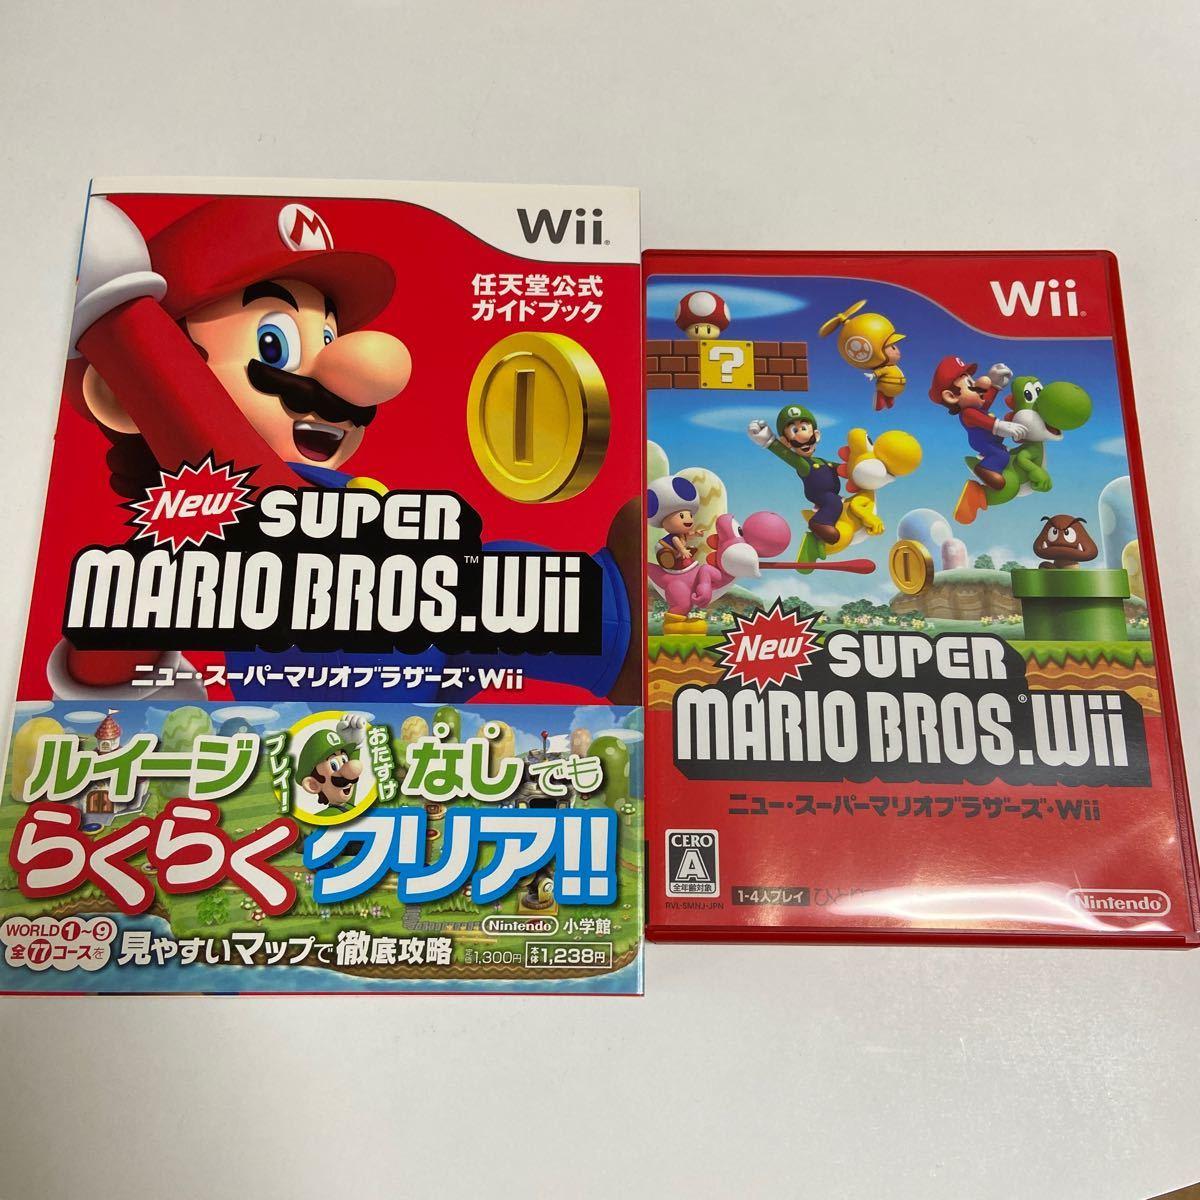 Newスーパーマリオブラザーズ Wii と 公式ガイドブック